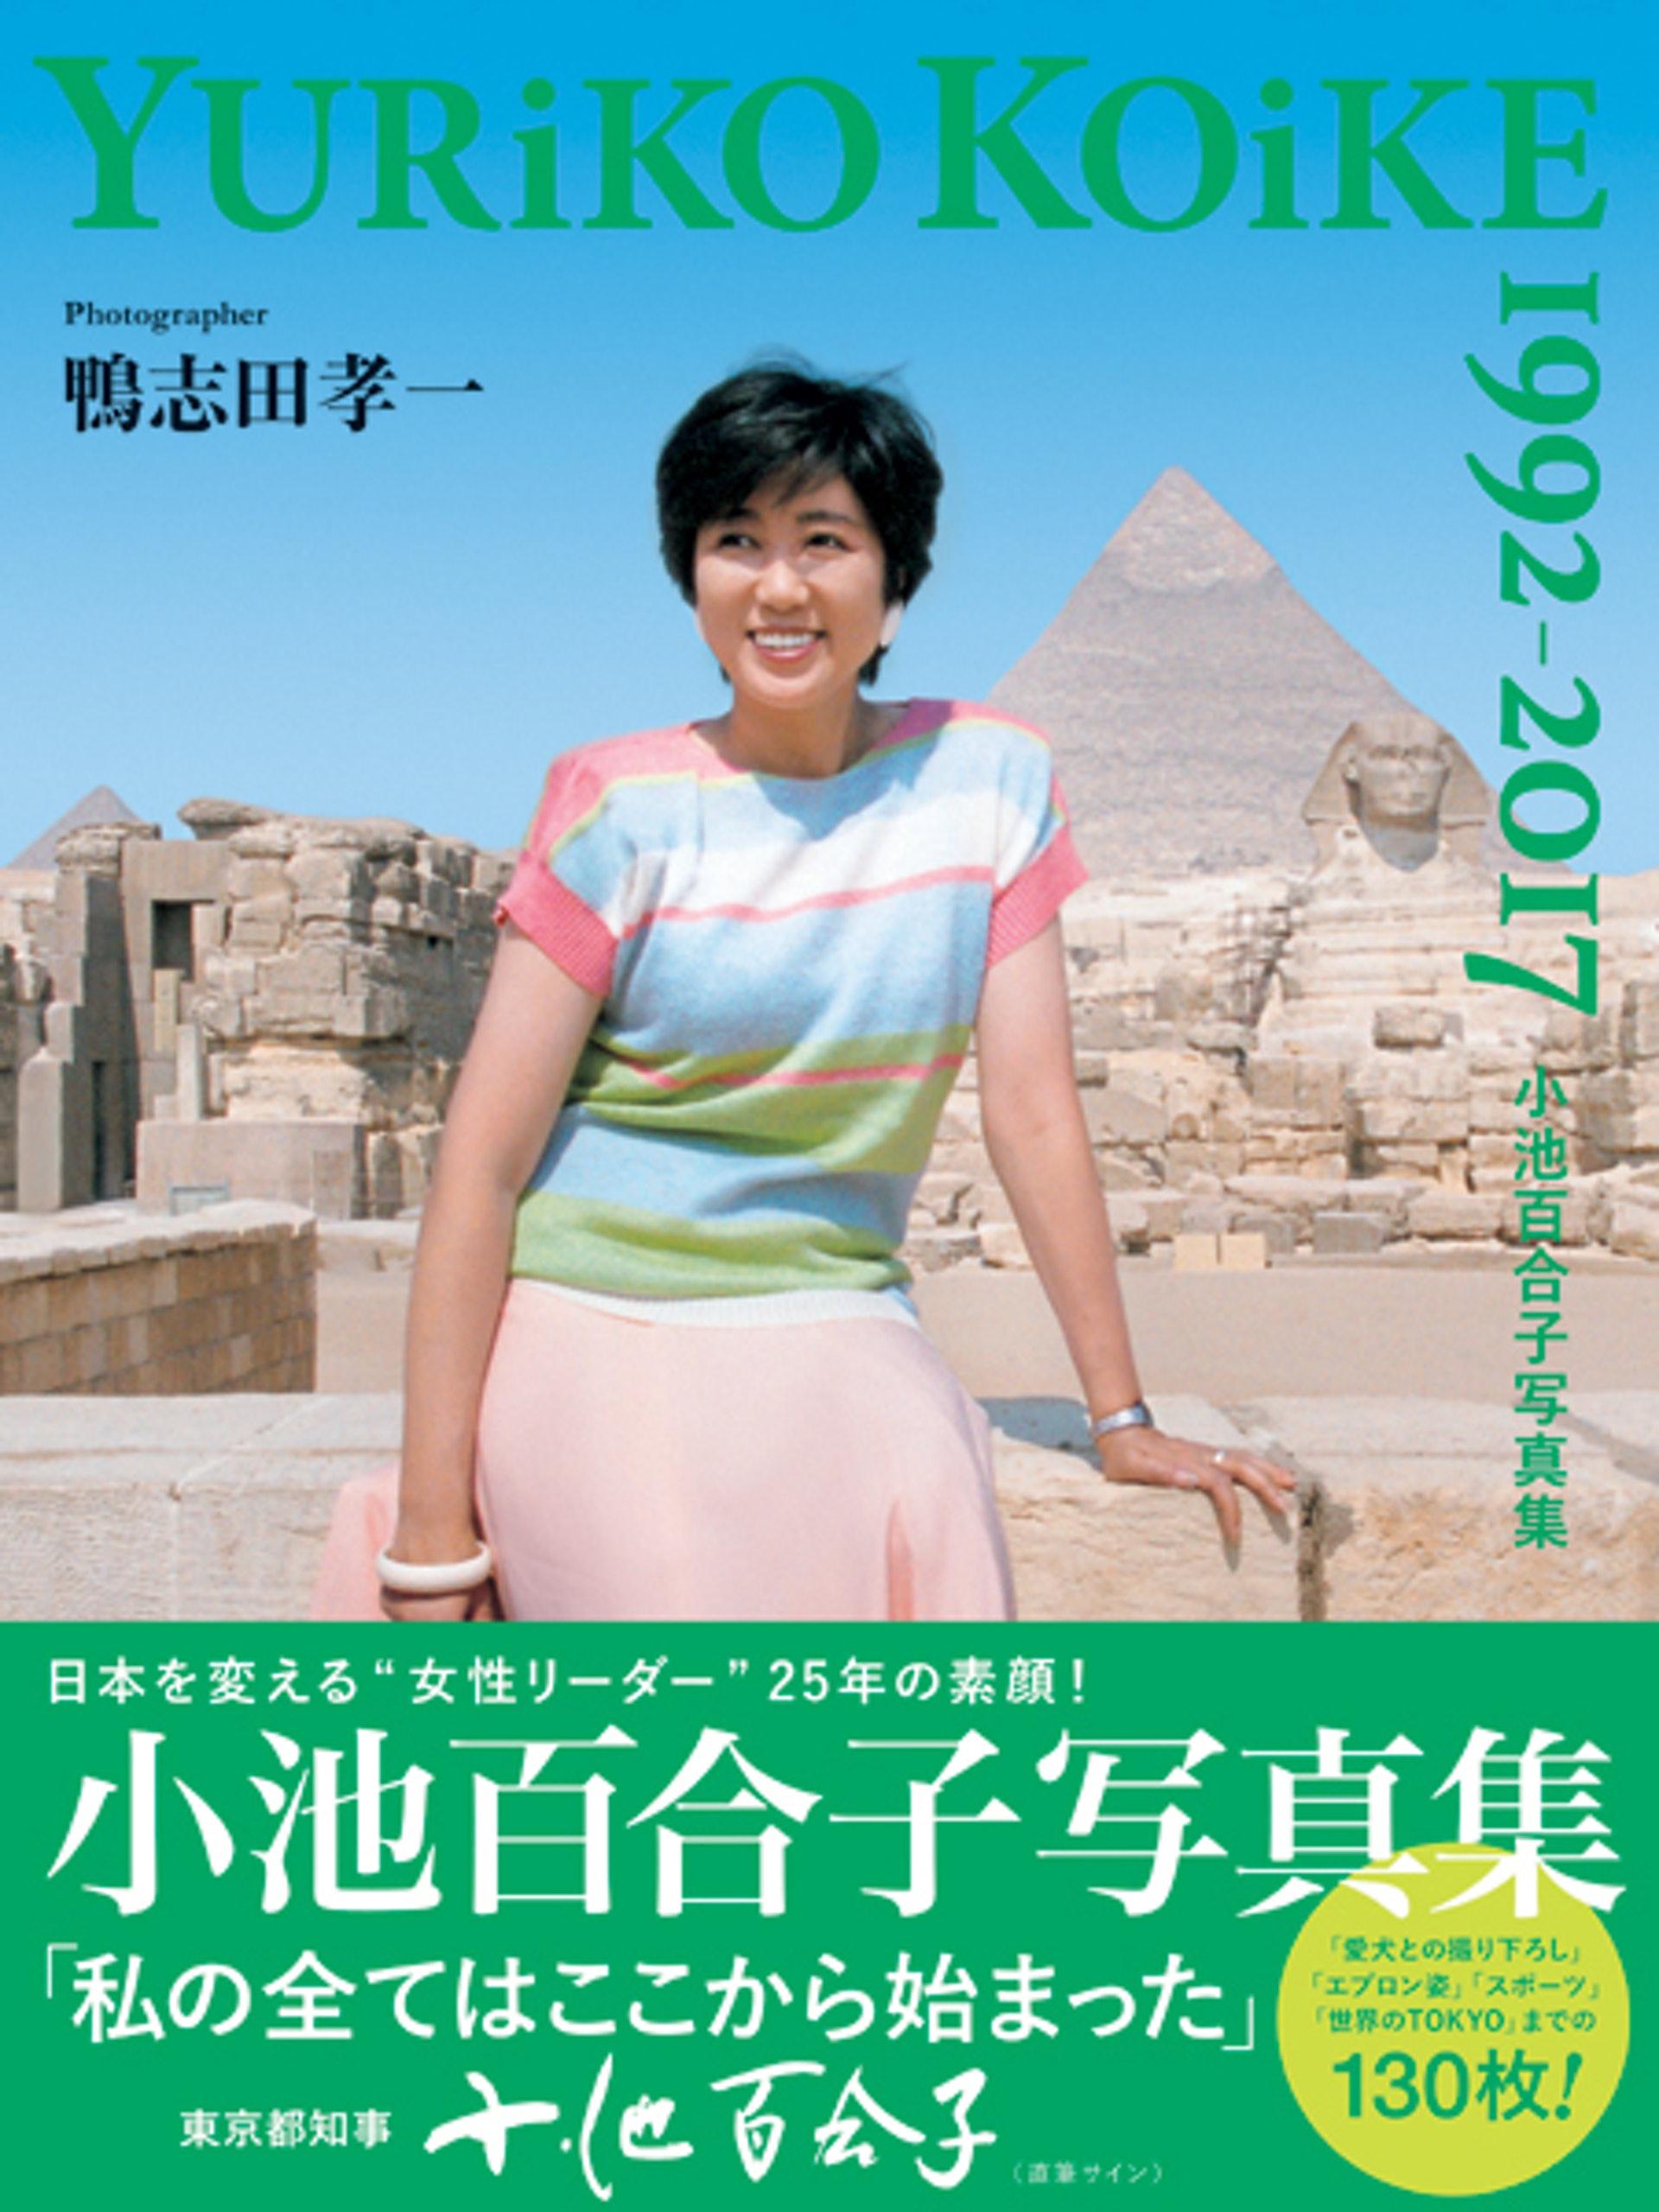 小池 百合子 女帝 石井妙子著『女帝 小池百合子』ーサイコパスに翻弄された罪なき人々の涙ー